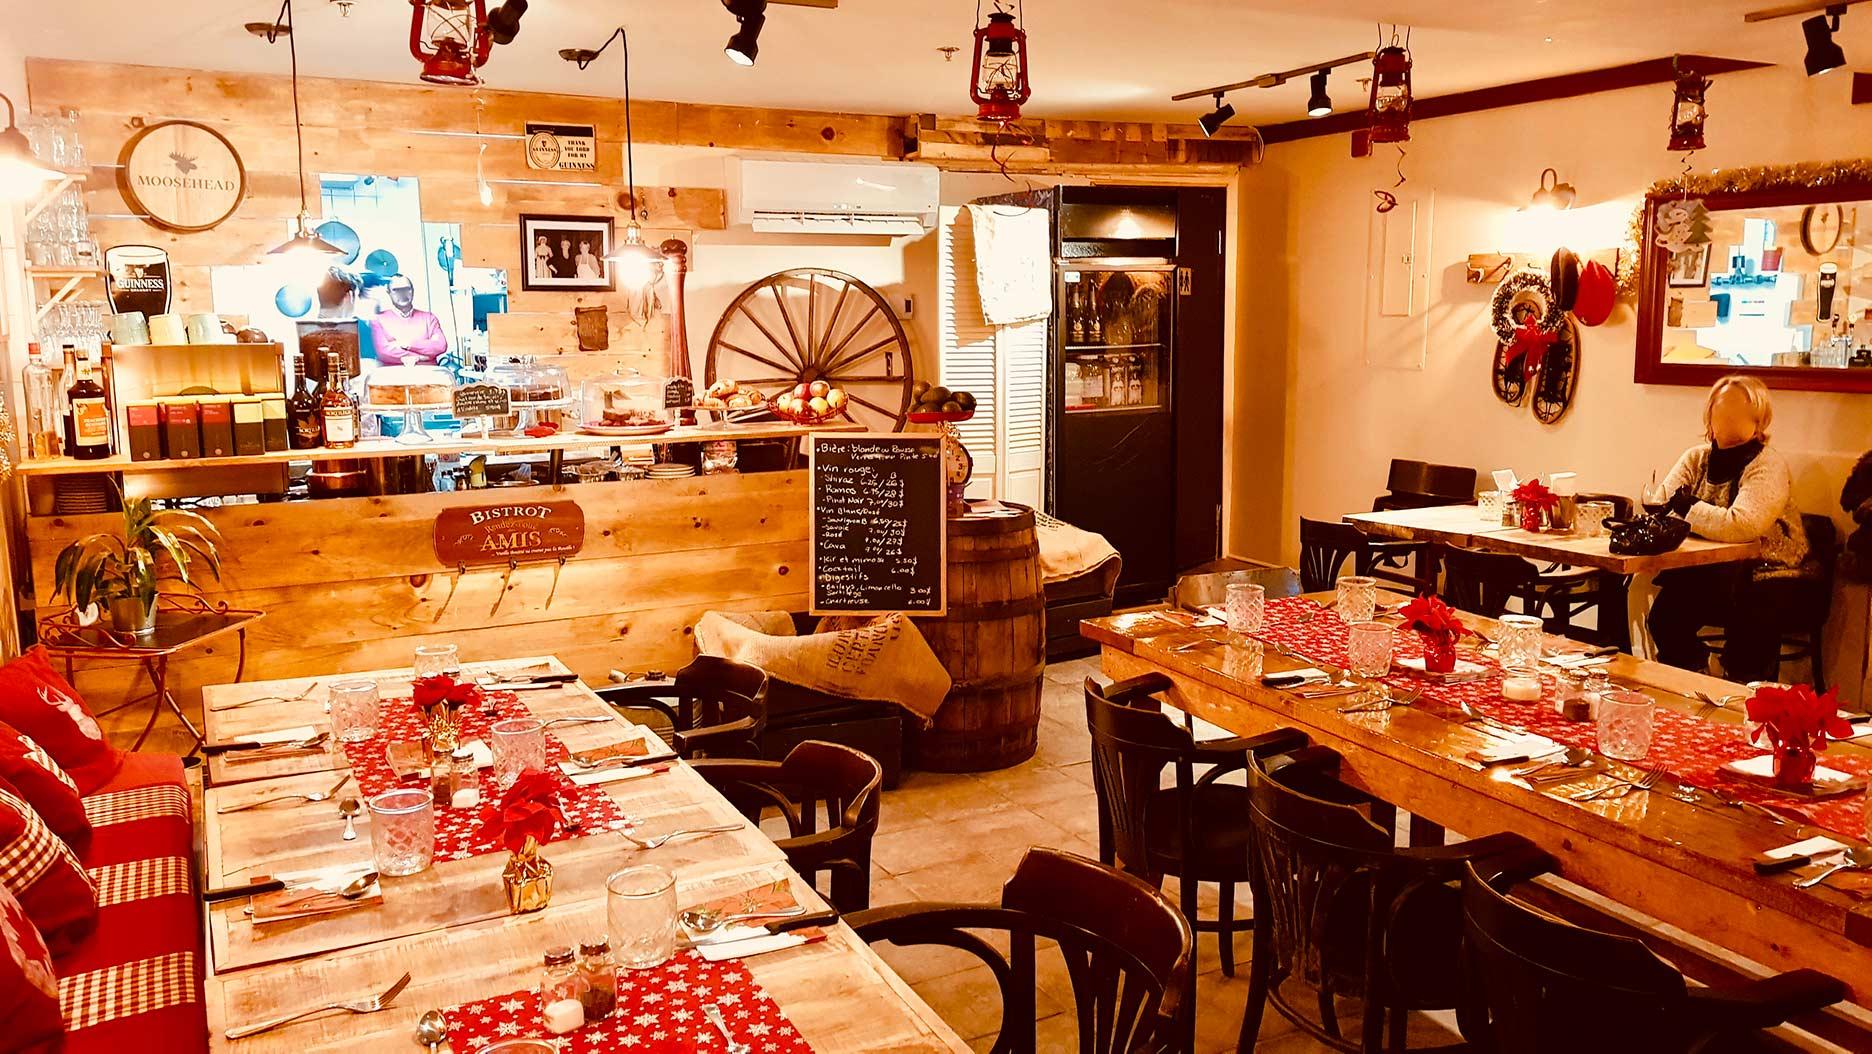 decoration de montagne dans la salle de restaurant du ptit rustik